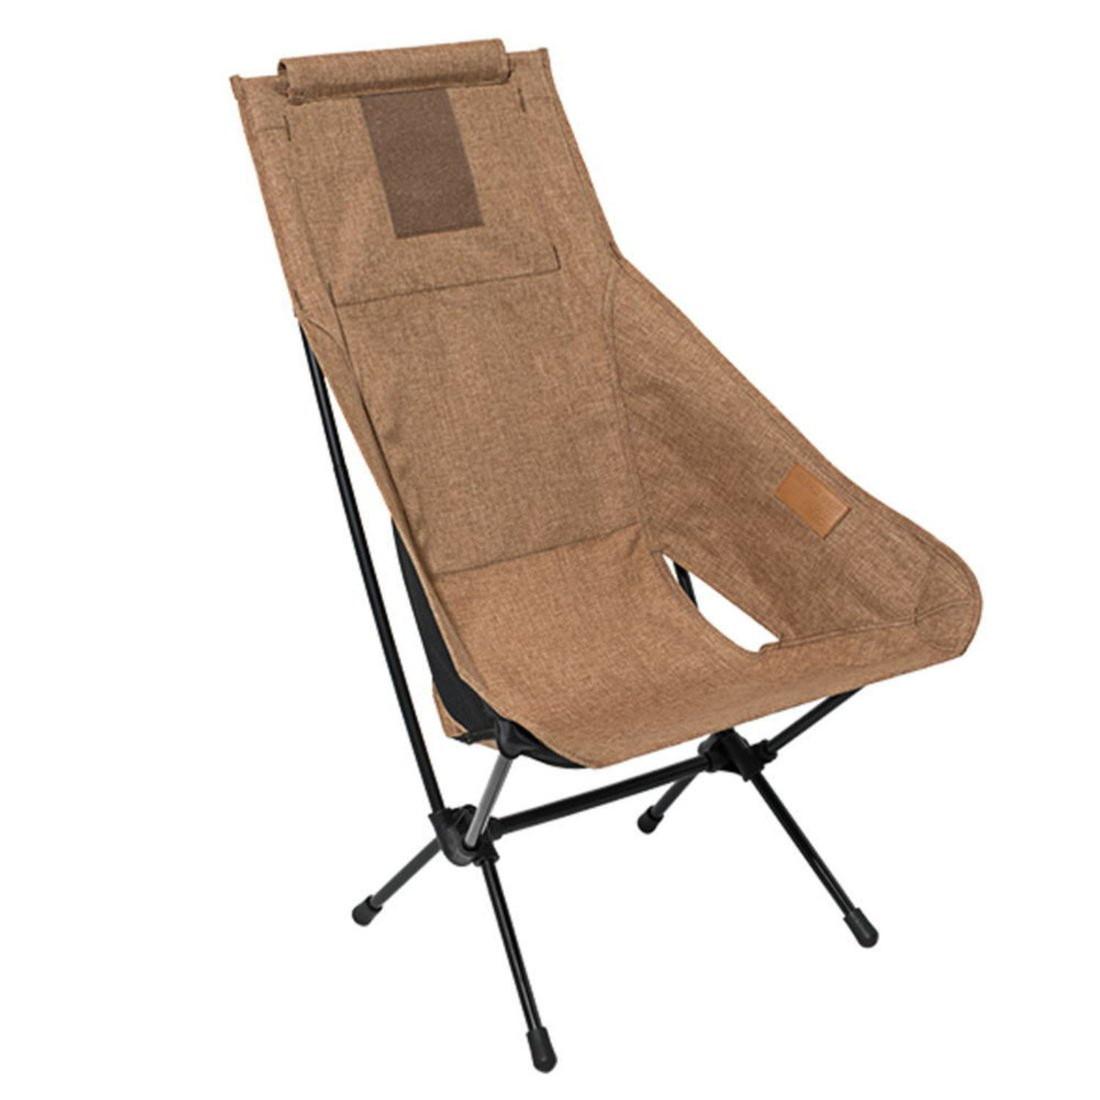 ヘリノックス チェアツーホーム 折りたたみ椅子チェアー  国内正規品